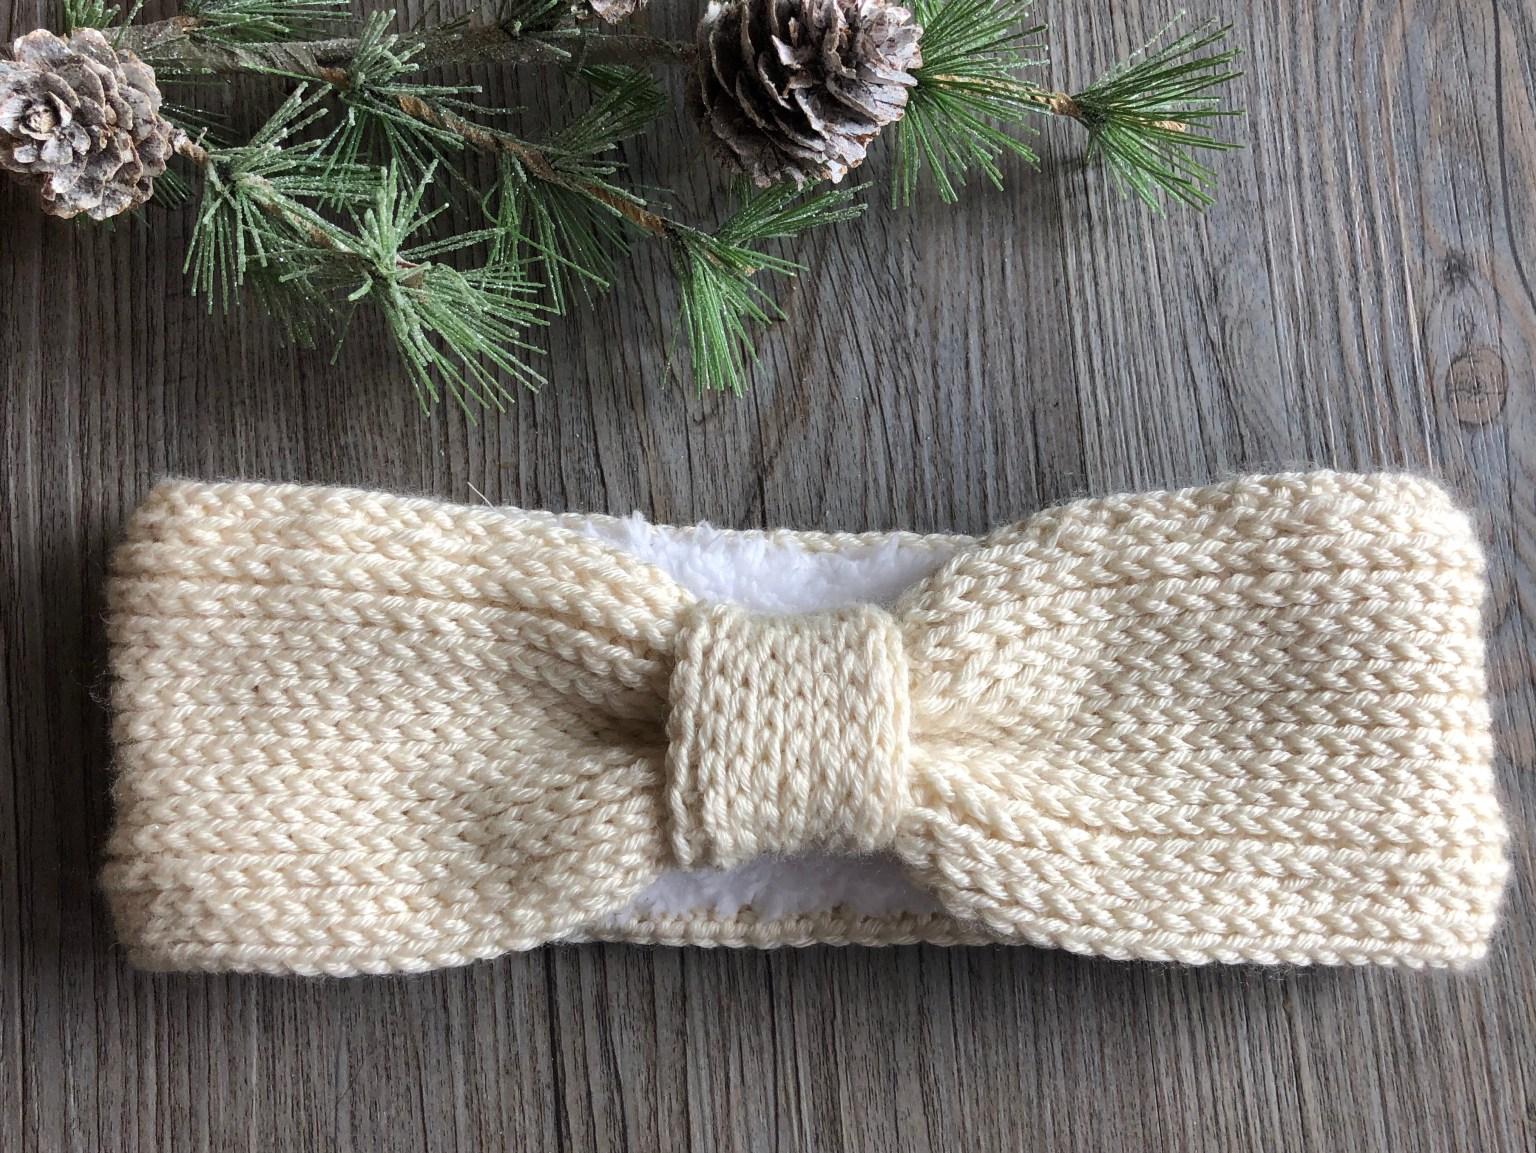 Winter Bliss Ear Warmer by Sarah @ Rich Textures Crochet